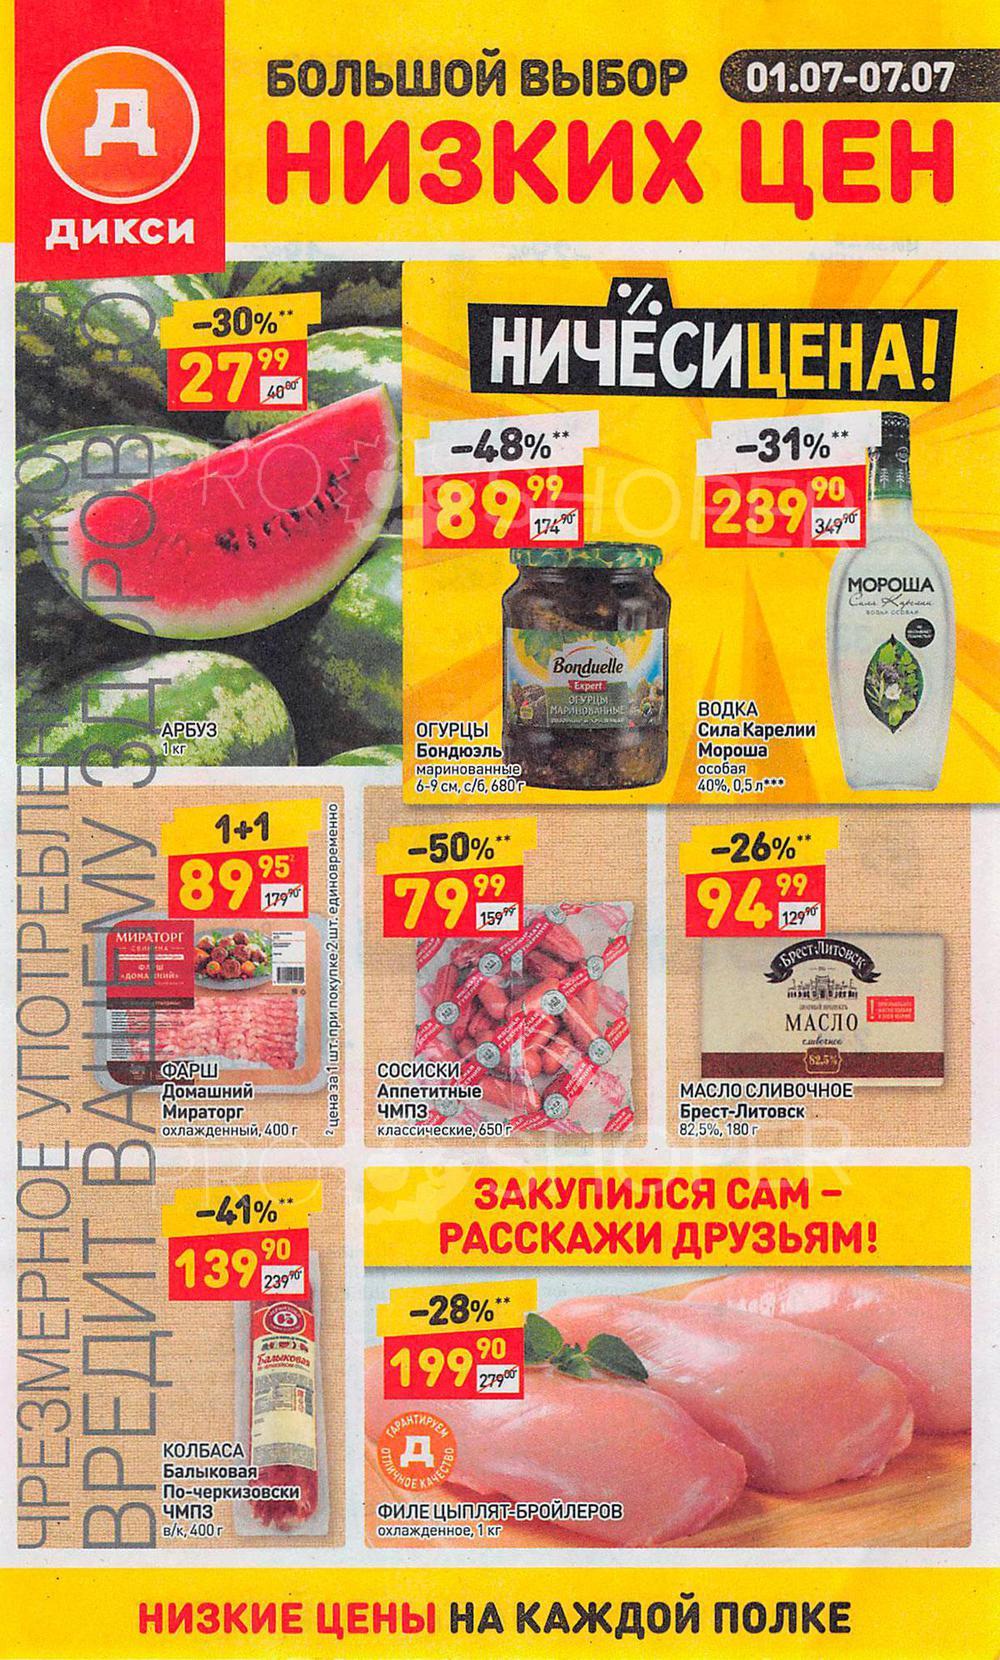 45d8ba4b3 Каталог Дикси - Акции сегодня - с 1 по 7 июля 2019 - Ярославль